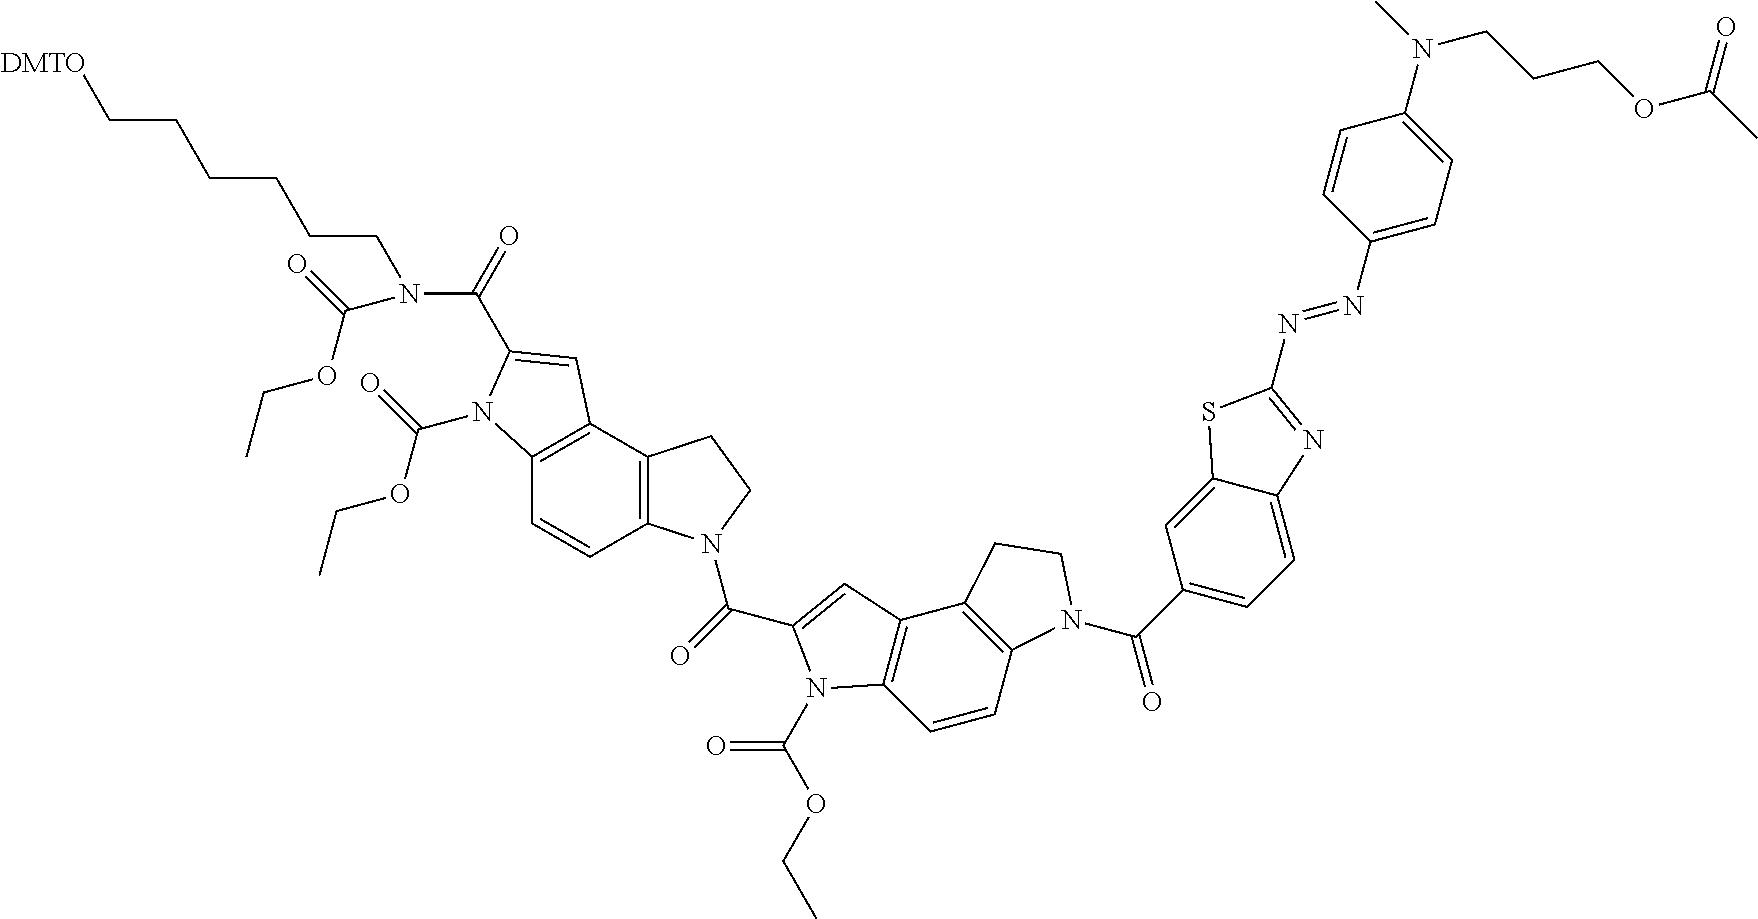 Figure US20190064067A1-20190228-C00110